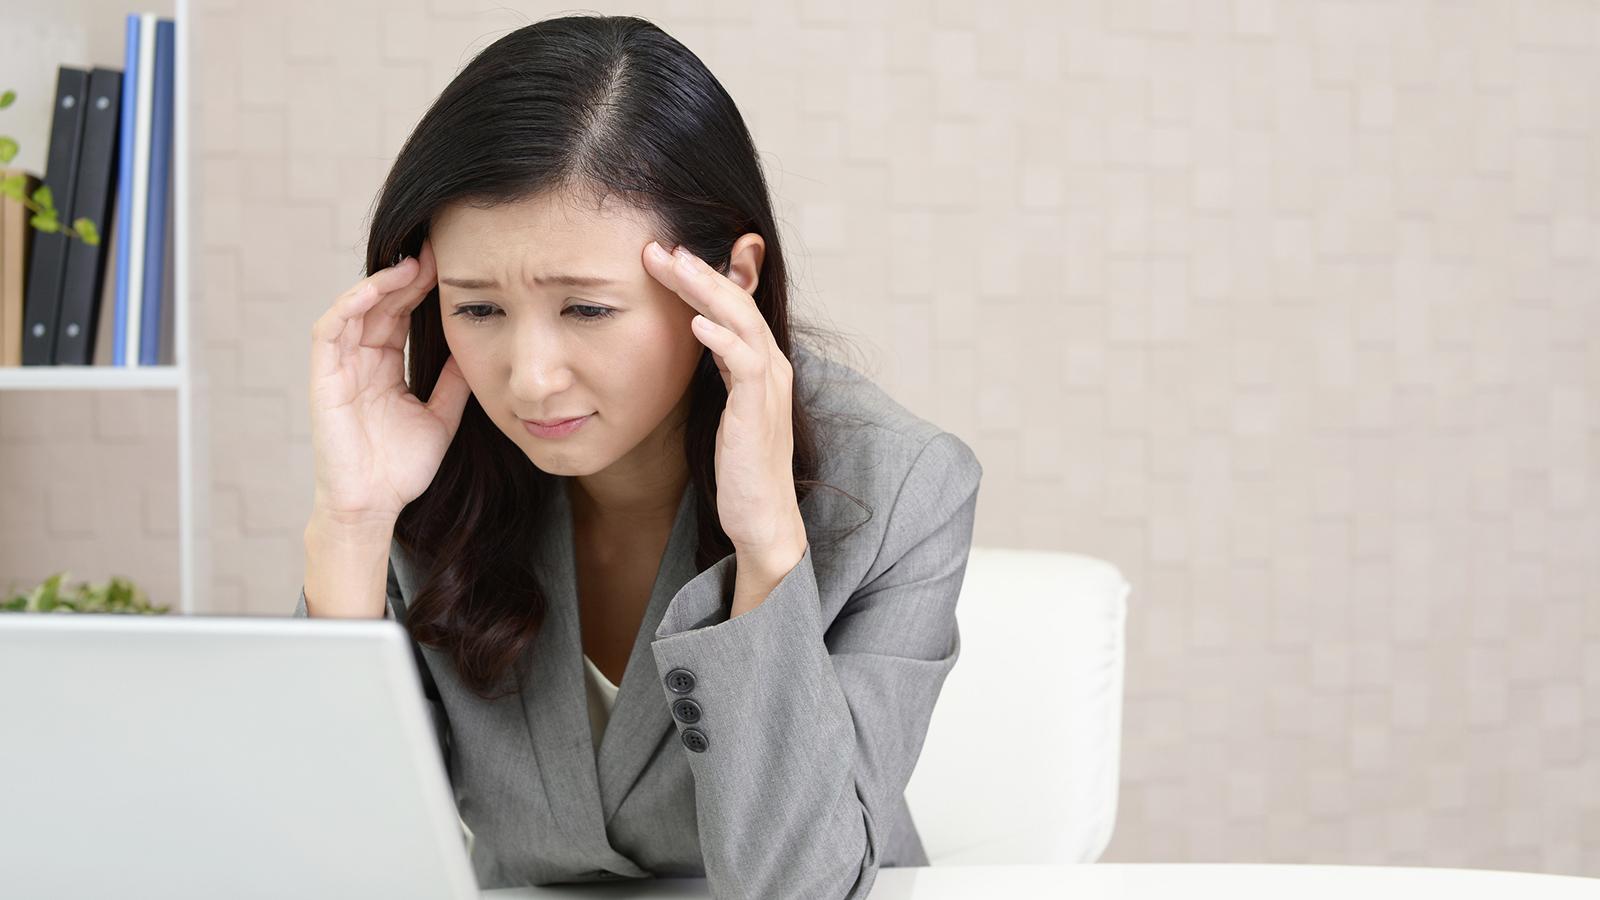 Tanpa Kamu Sadari, Ini 5 Kebiasaan yang Dapat Timbulkan Penyakit